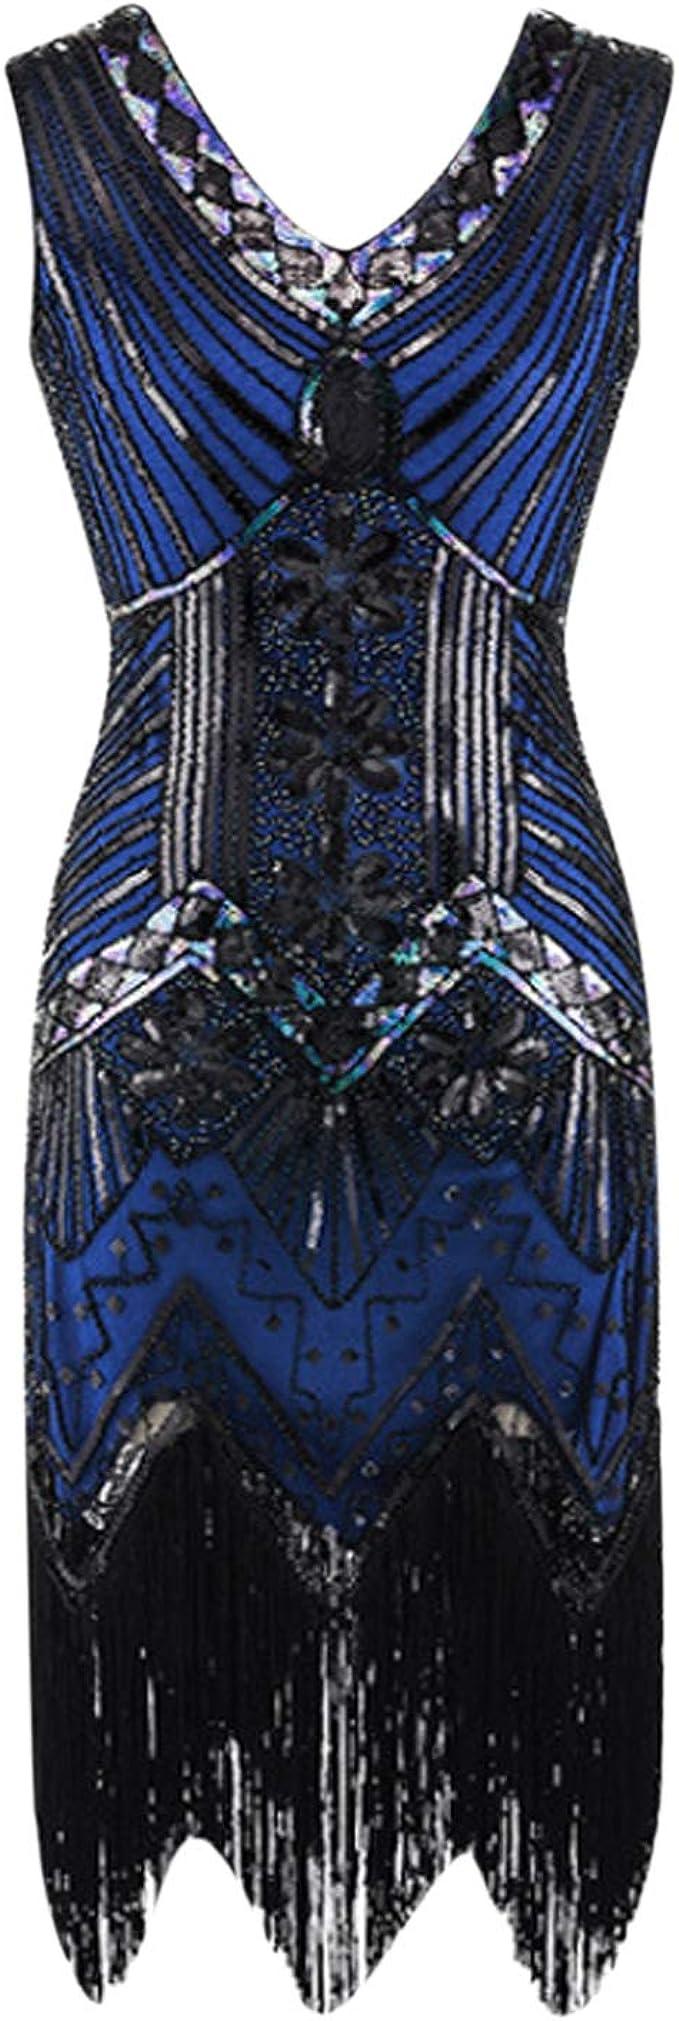 LAEMILIA Damen Kleid Abendmode Ärmellos Cocktailkleid Partykleid 19er  Jahre Vintage Pailletten Fransen Cocktail Great Gatsby Party Kleider